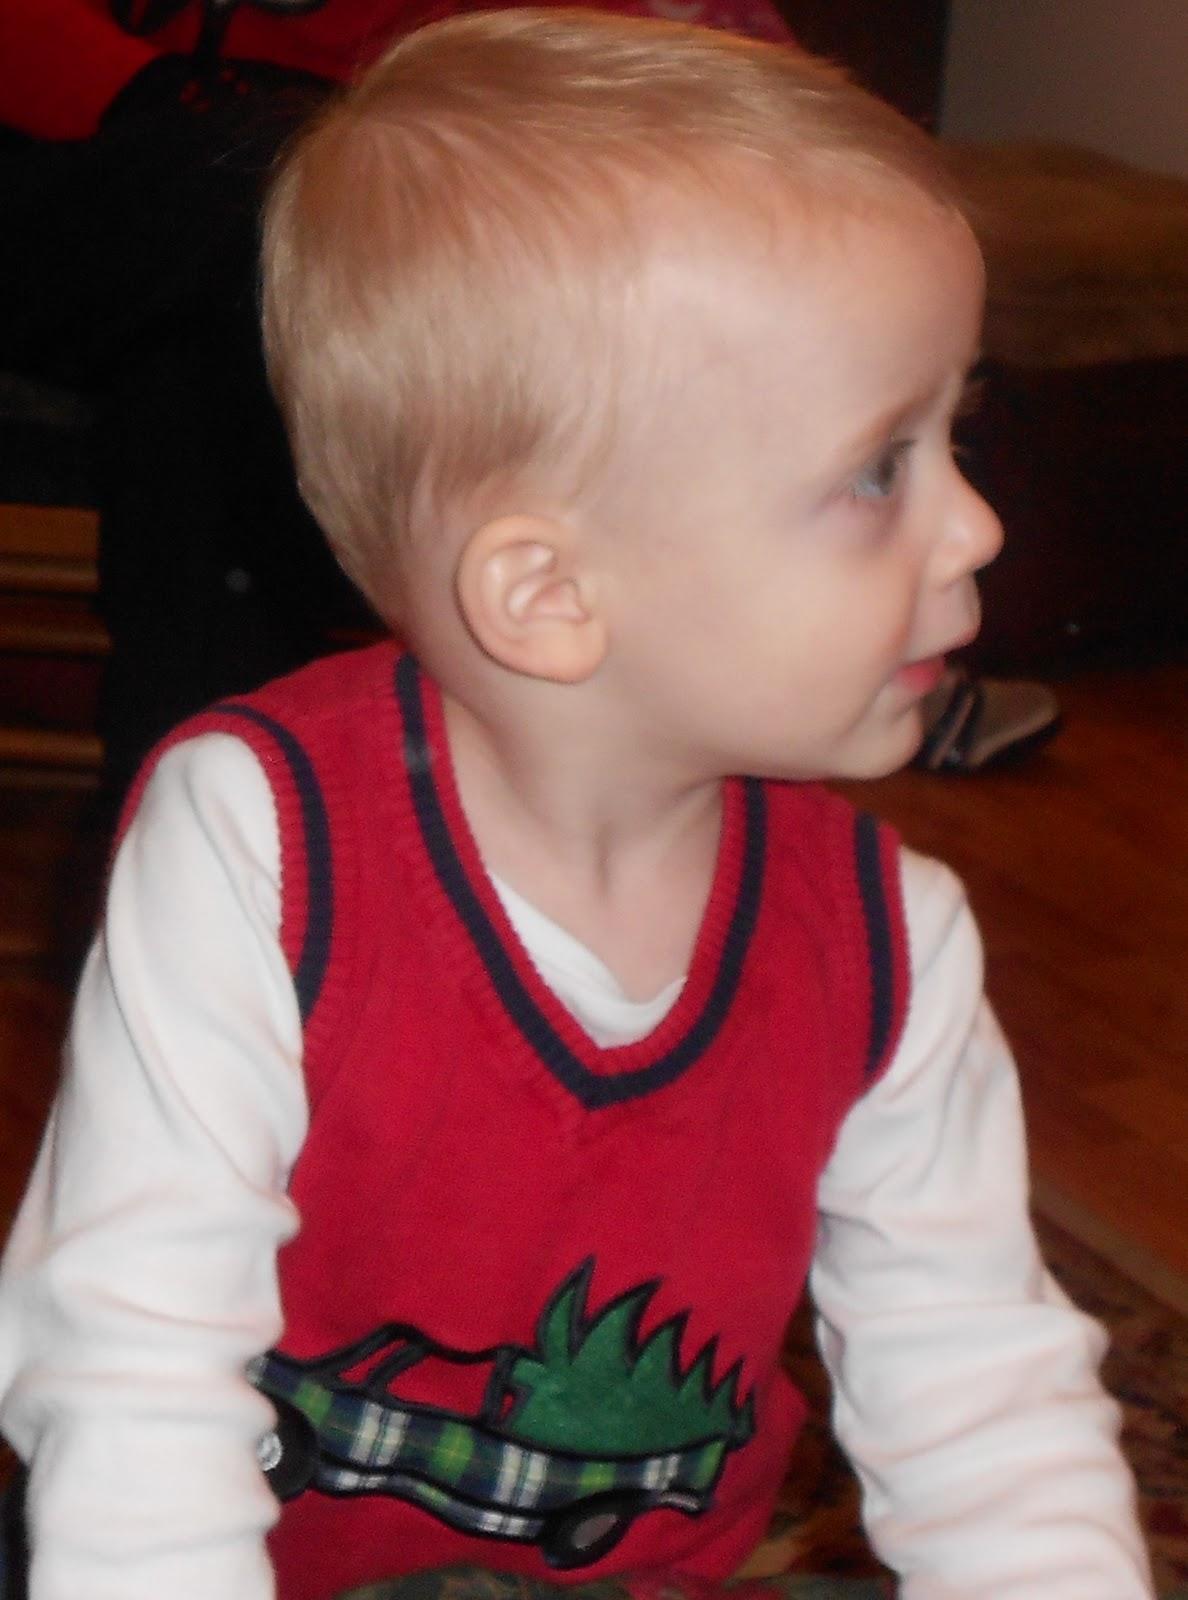 http://4.bp.blogspot.com/-2jyjnKV8O3U/Tvf1t_kLBjI/AAAAAAAAEPA/YIhJF5c_HJc/s1600/Christmas+2011+041.JPG